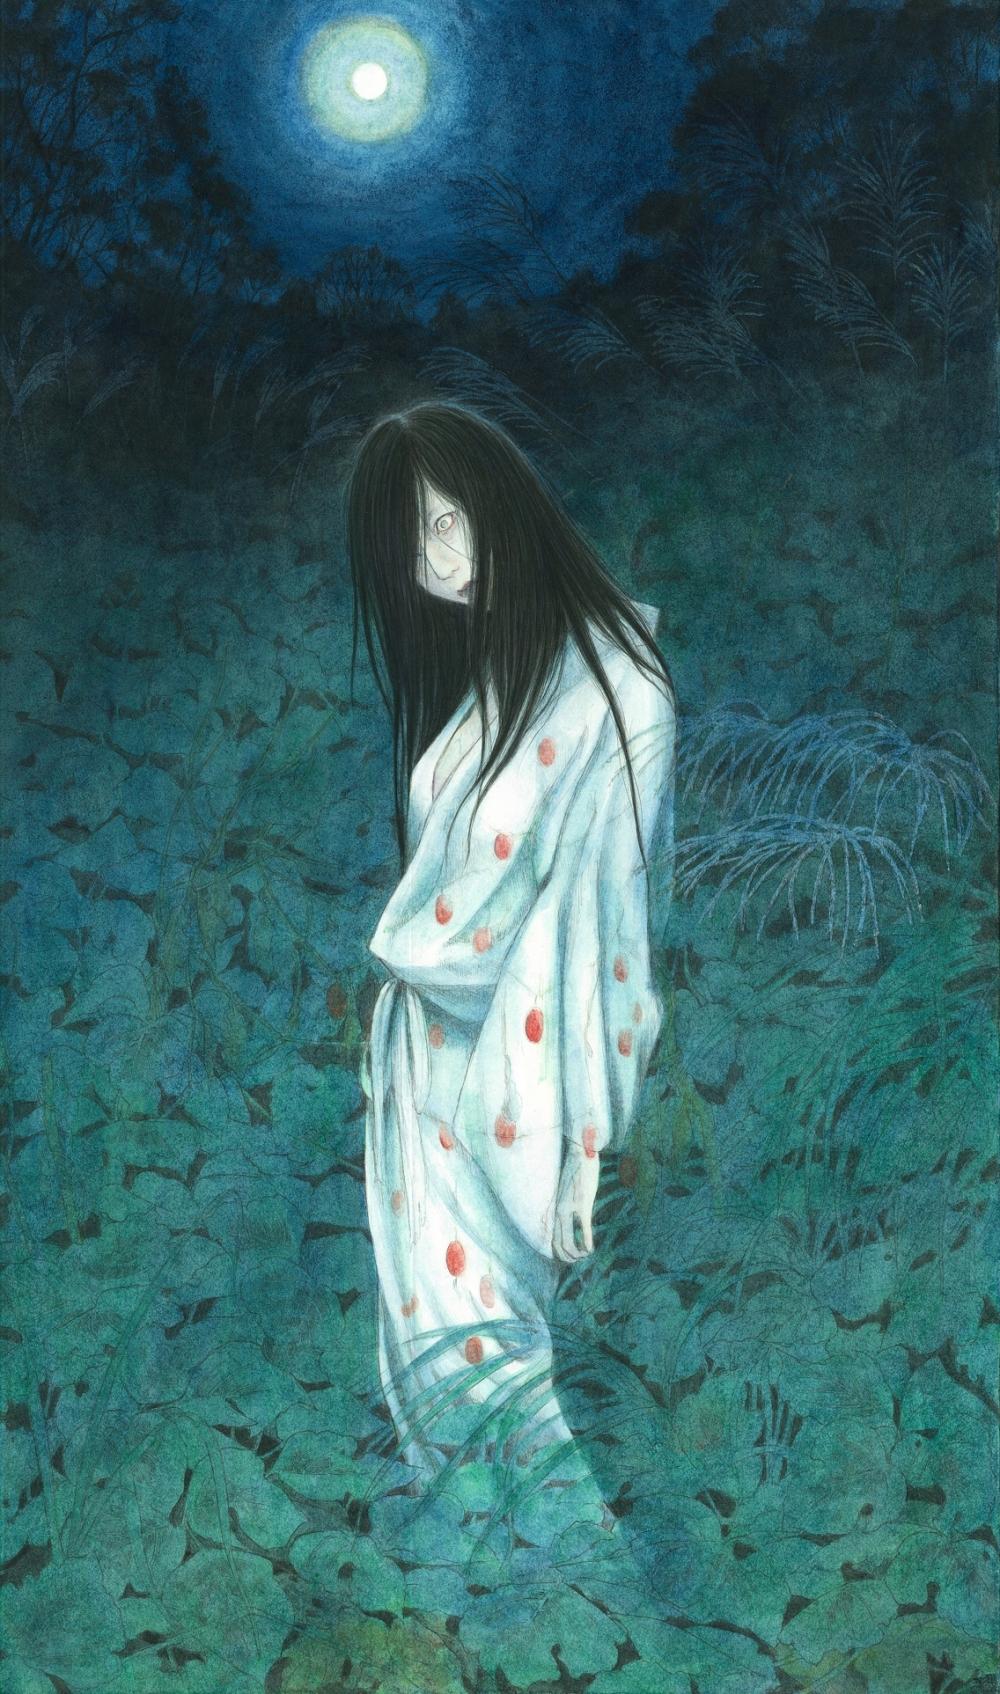 玉川 麻衣/幽霊図 2/exid15570wid14261